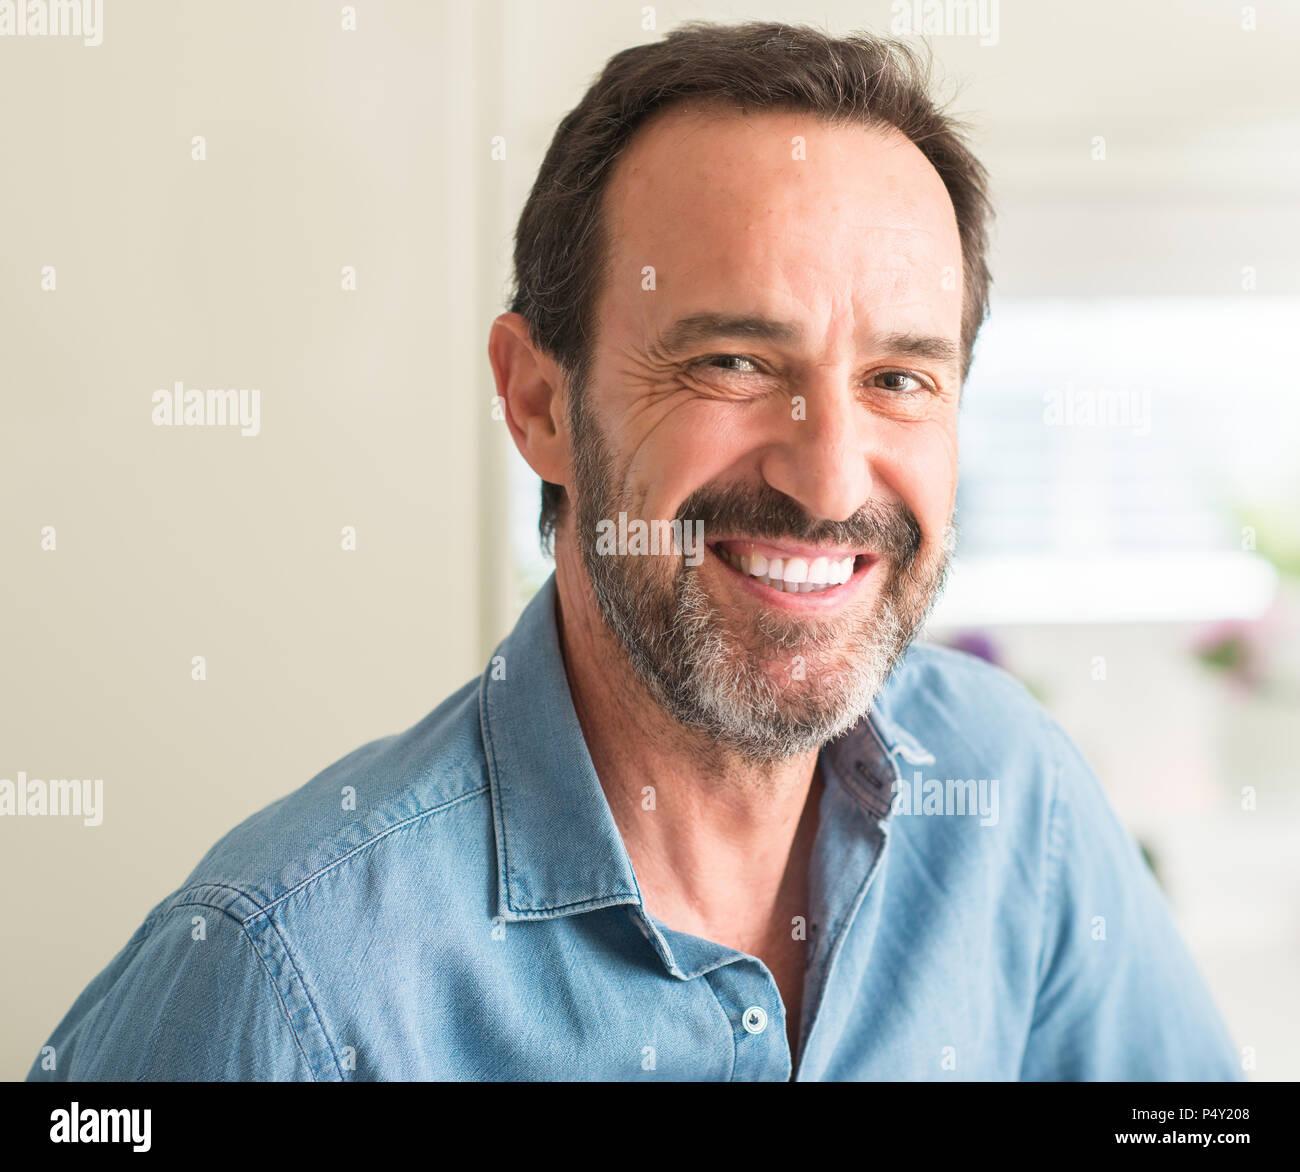 Gut Aussehender Mann Mittleren Alters Mit Einem Glücklichen Gesicht